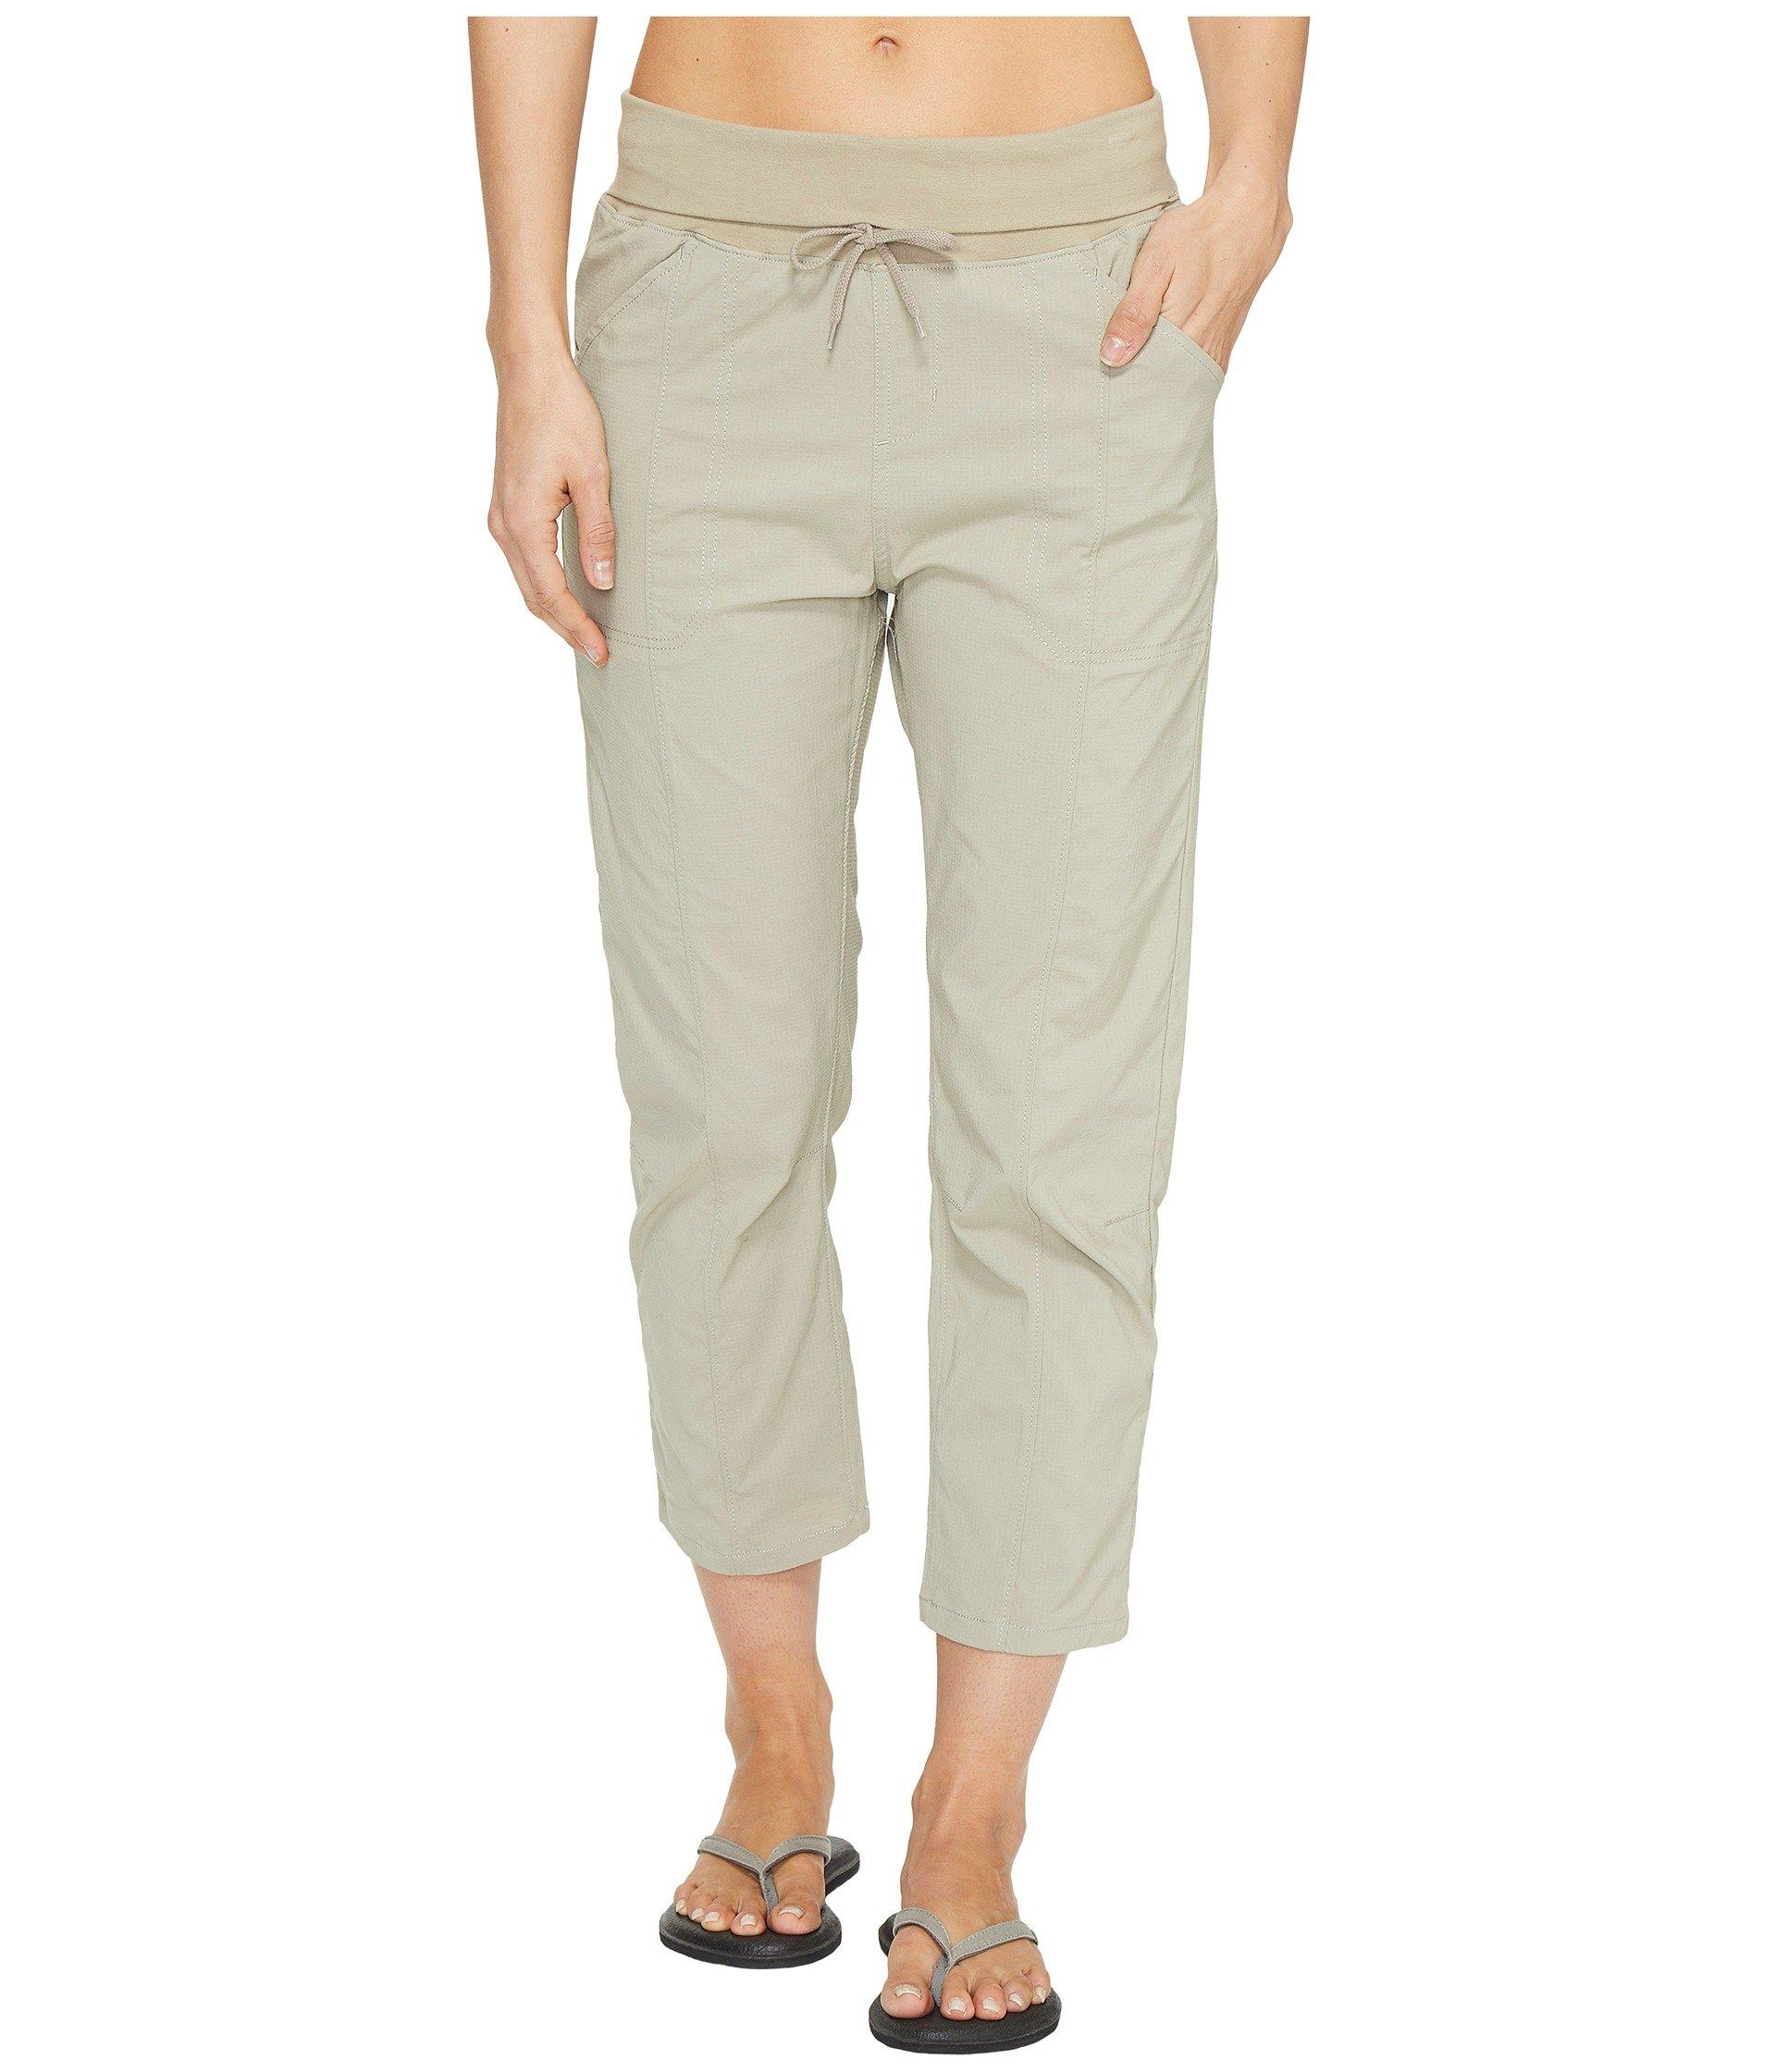 Pantalón para Mujer Woolrich Daring Trail Capris  + Woolrich en VeoyCompro.net